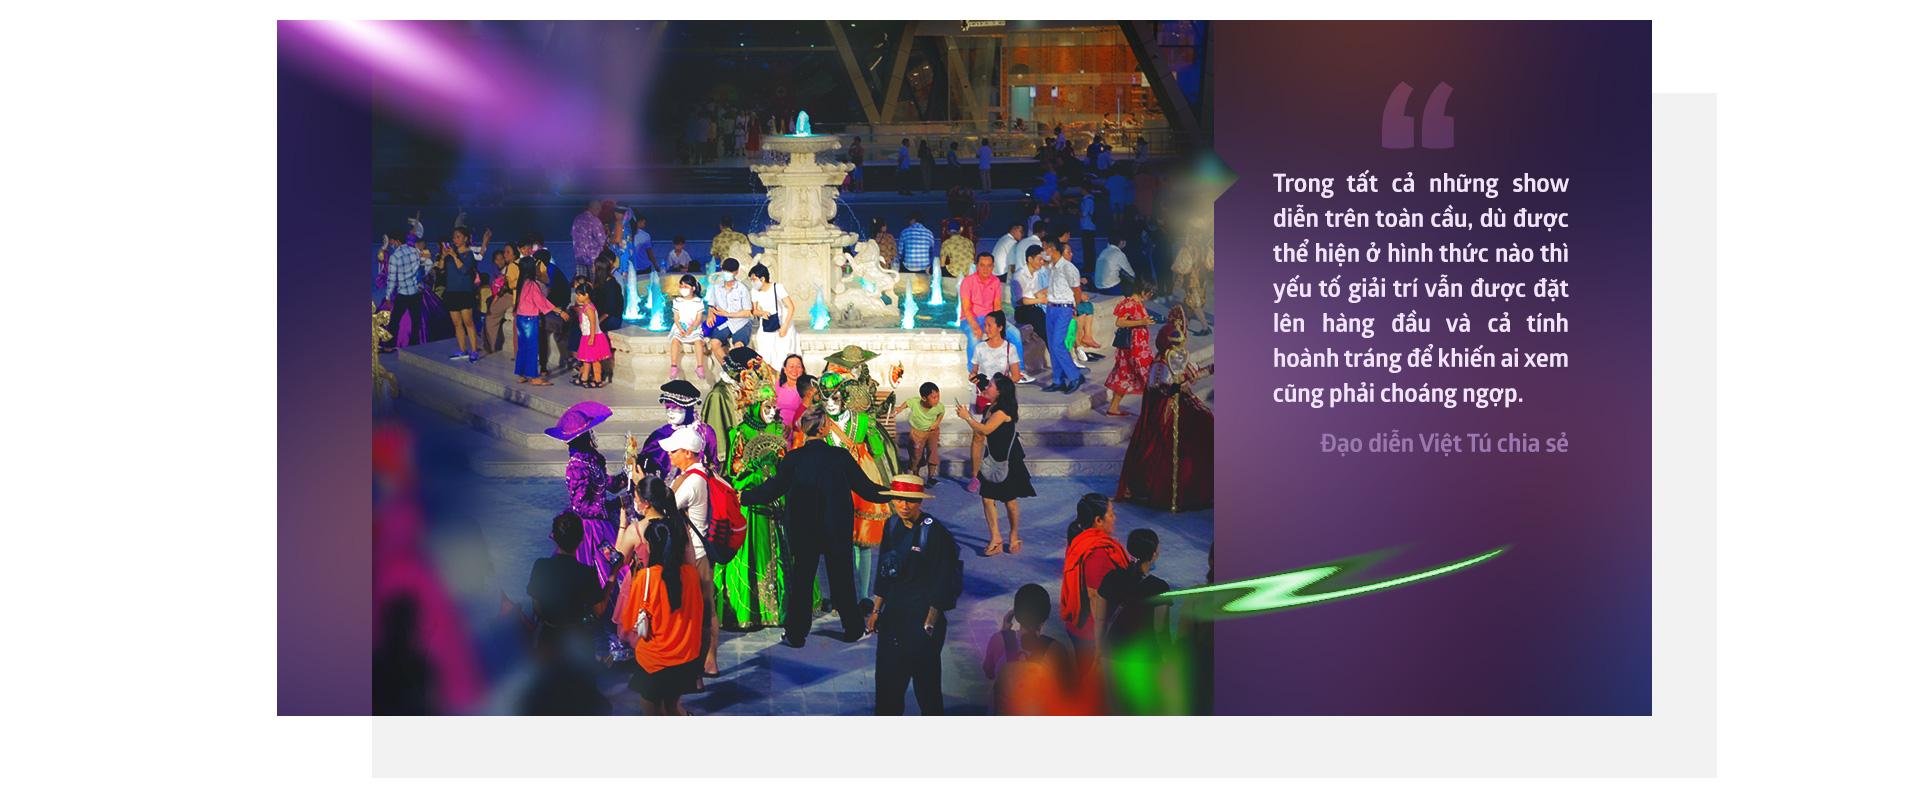 Những show diễn triệu USD mang du khách đến với Phú Quốc - Ảnh 3.